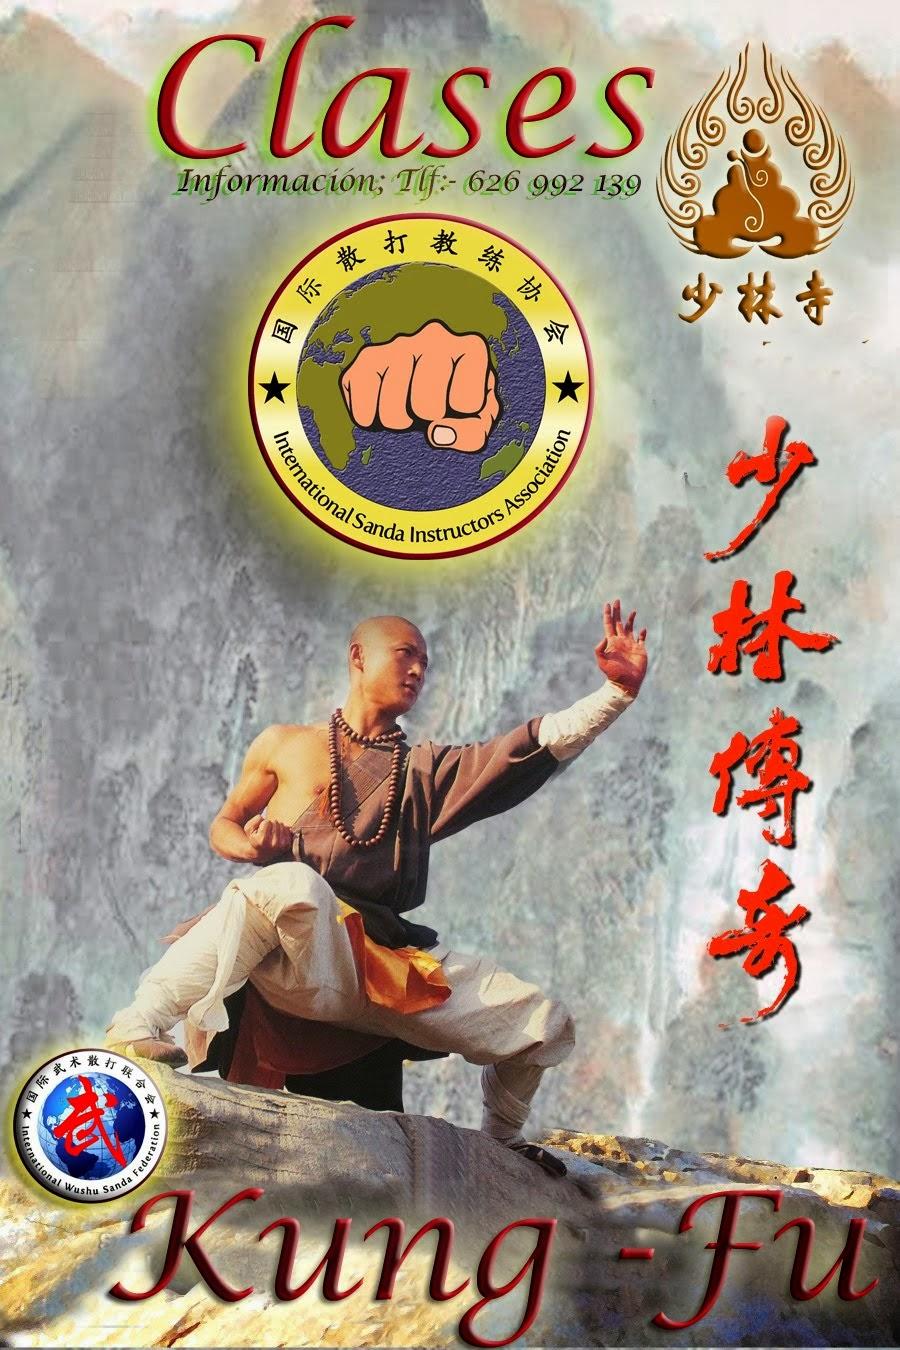 clases de kung fu y sanda 2014